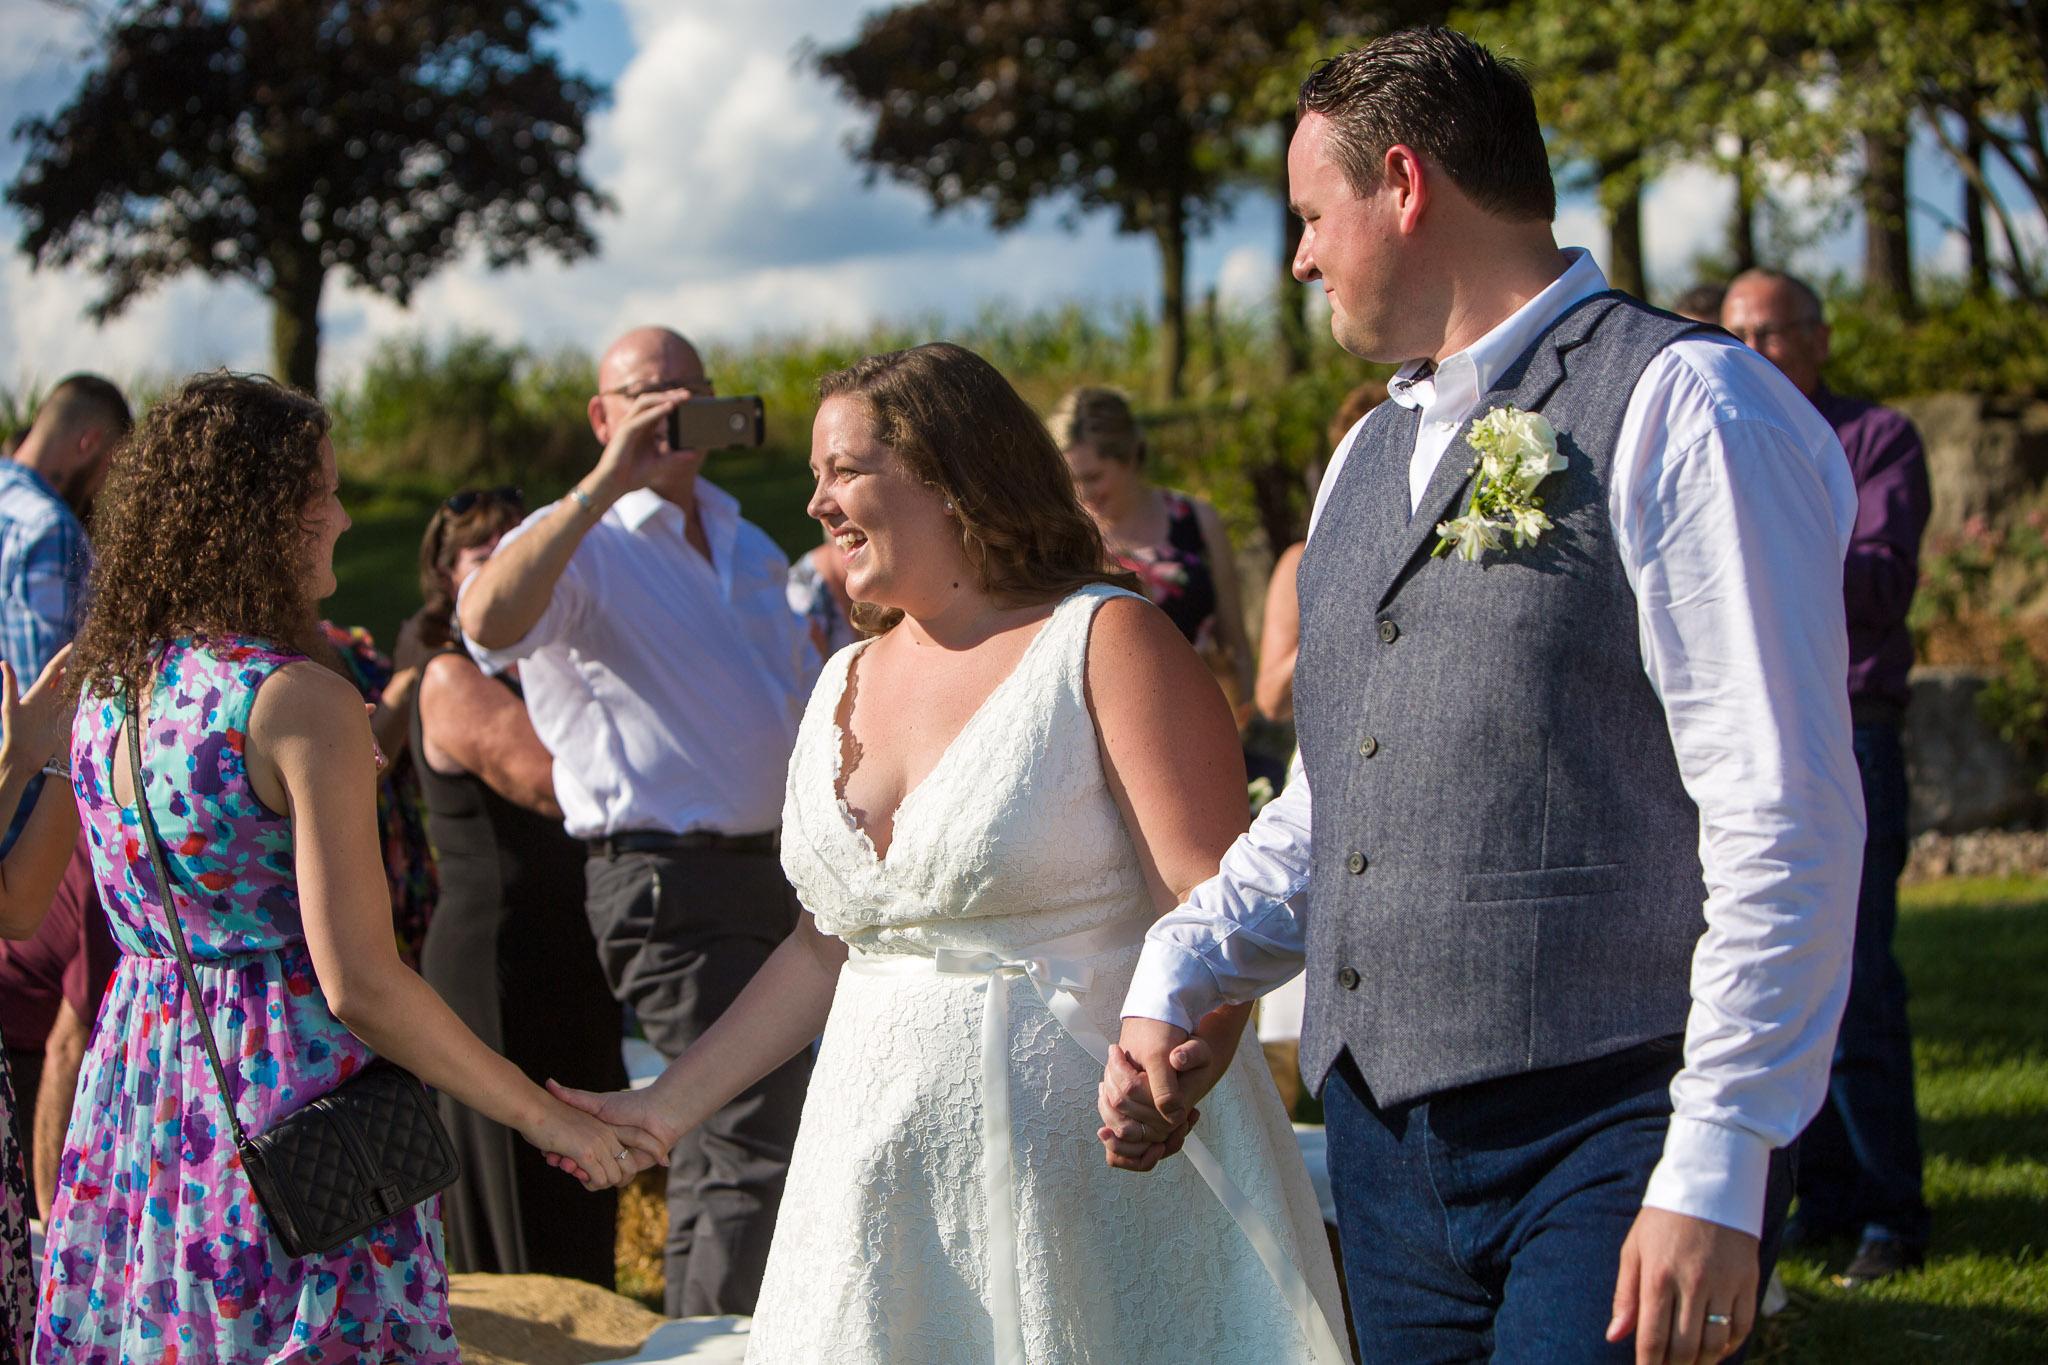 katy-aleks-wedding-shayne-gray-9493.jpg